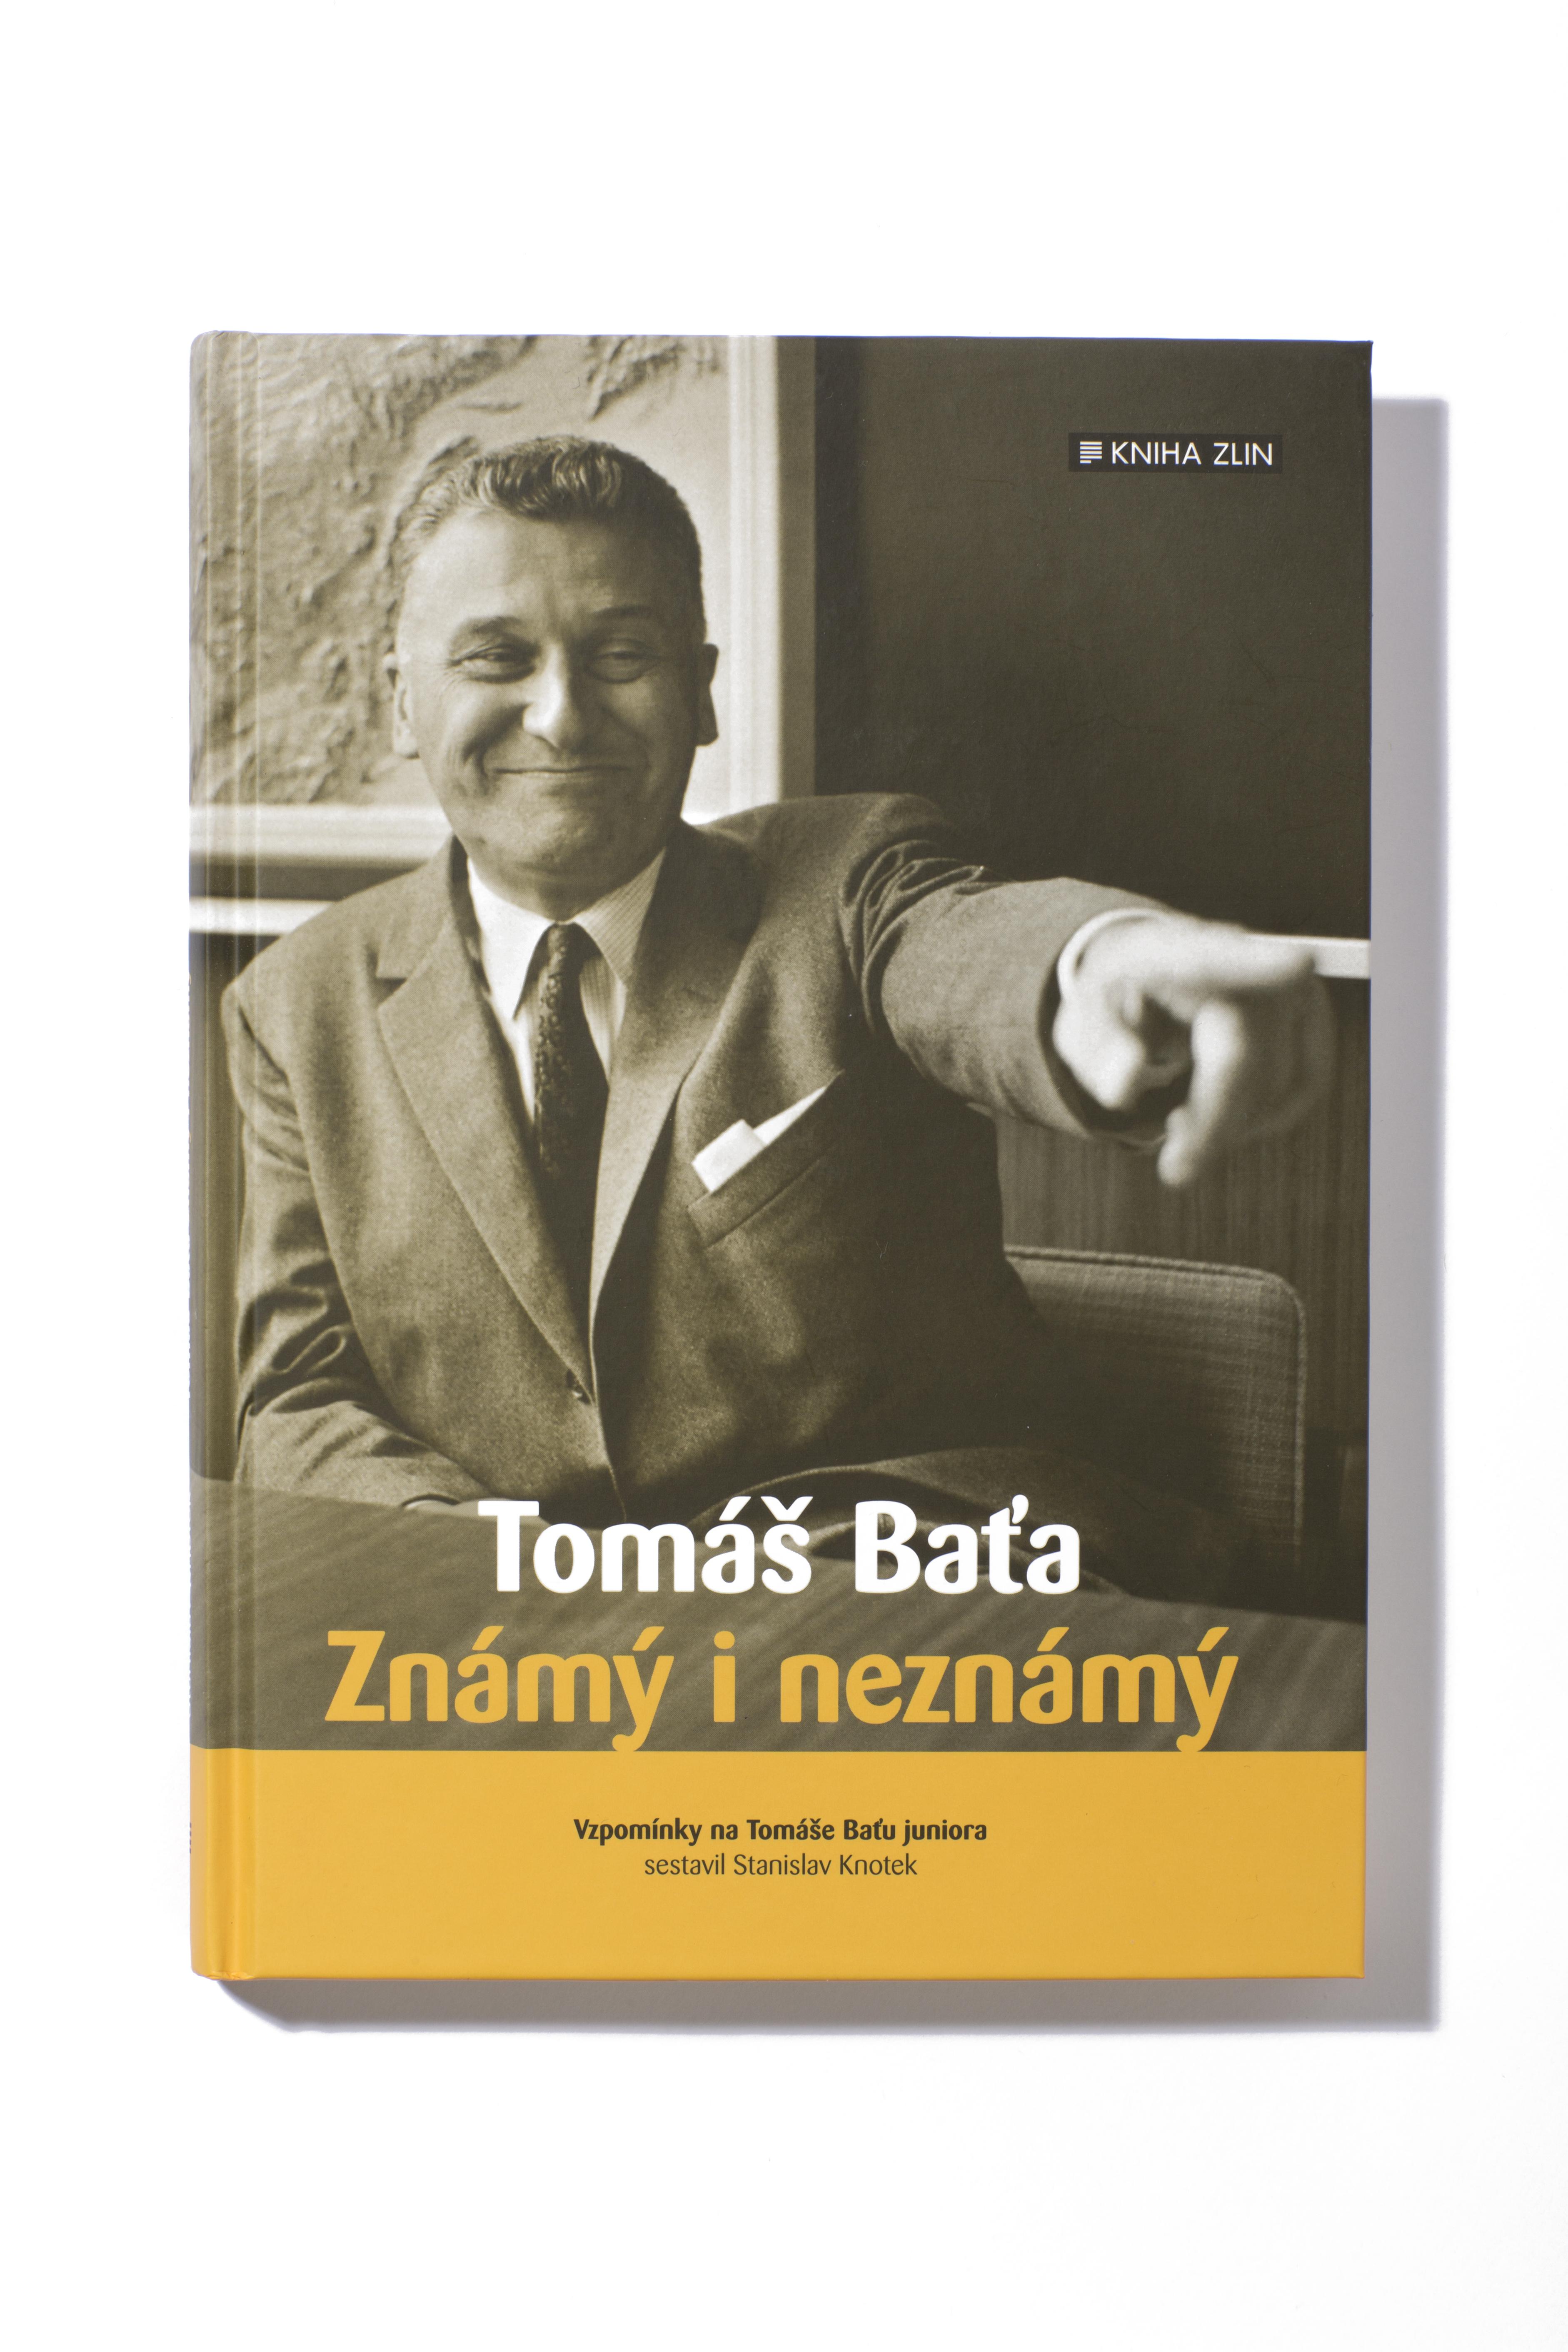 Tomáš Baťa Známý i neznámý – Vzpomínky na Tomáše Baťu Juniora